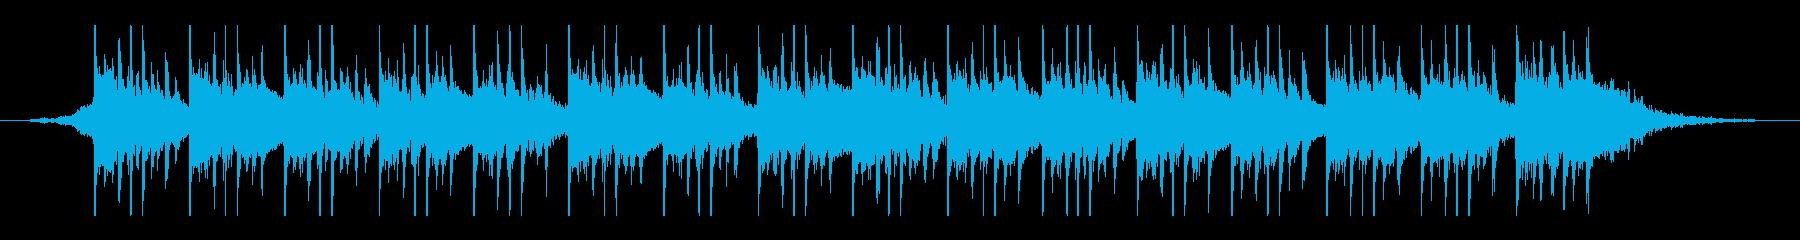 アラビア語(45秒)の再生済みの波形